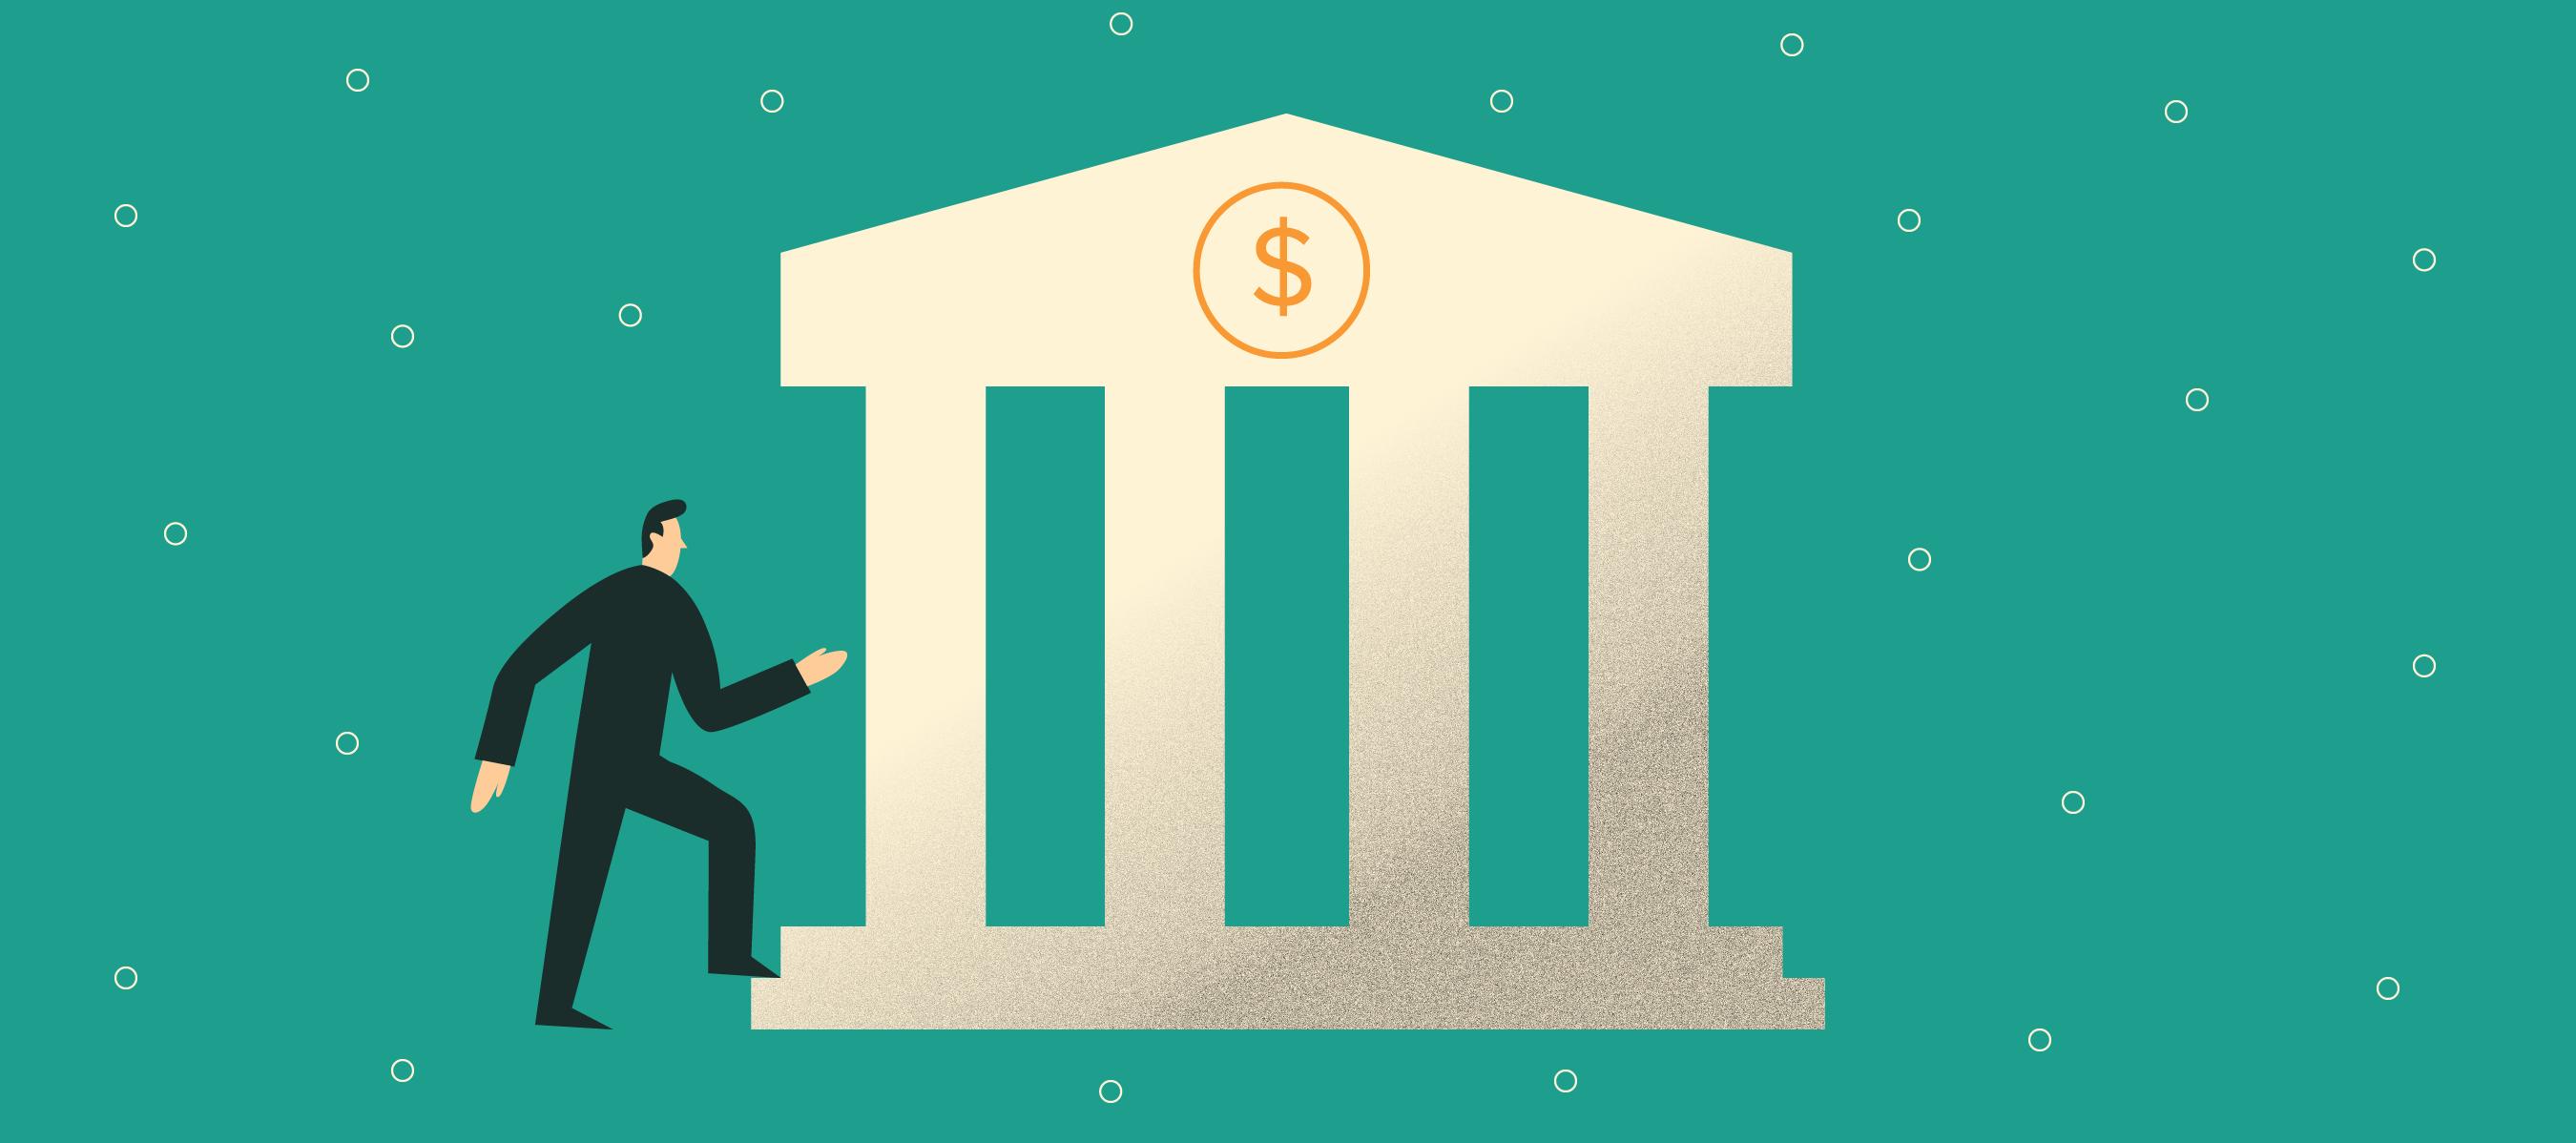 кредит в банке где выгоднее брать народный банк кредит онлайн заявка